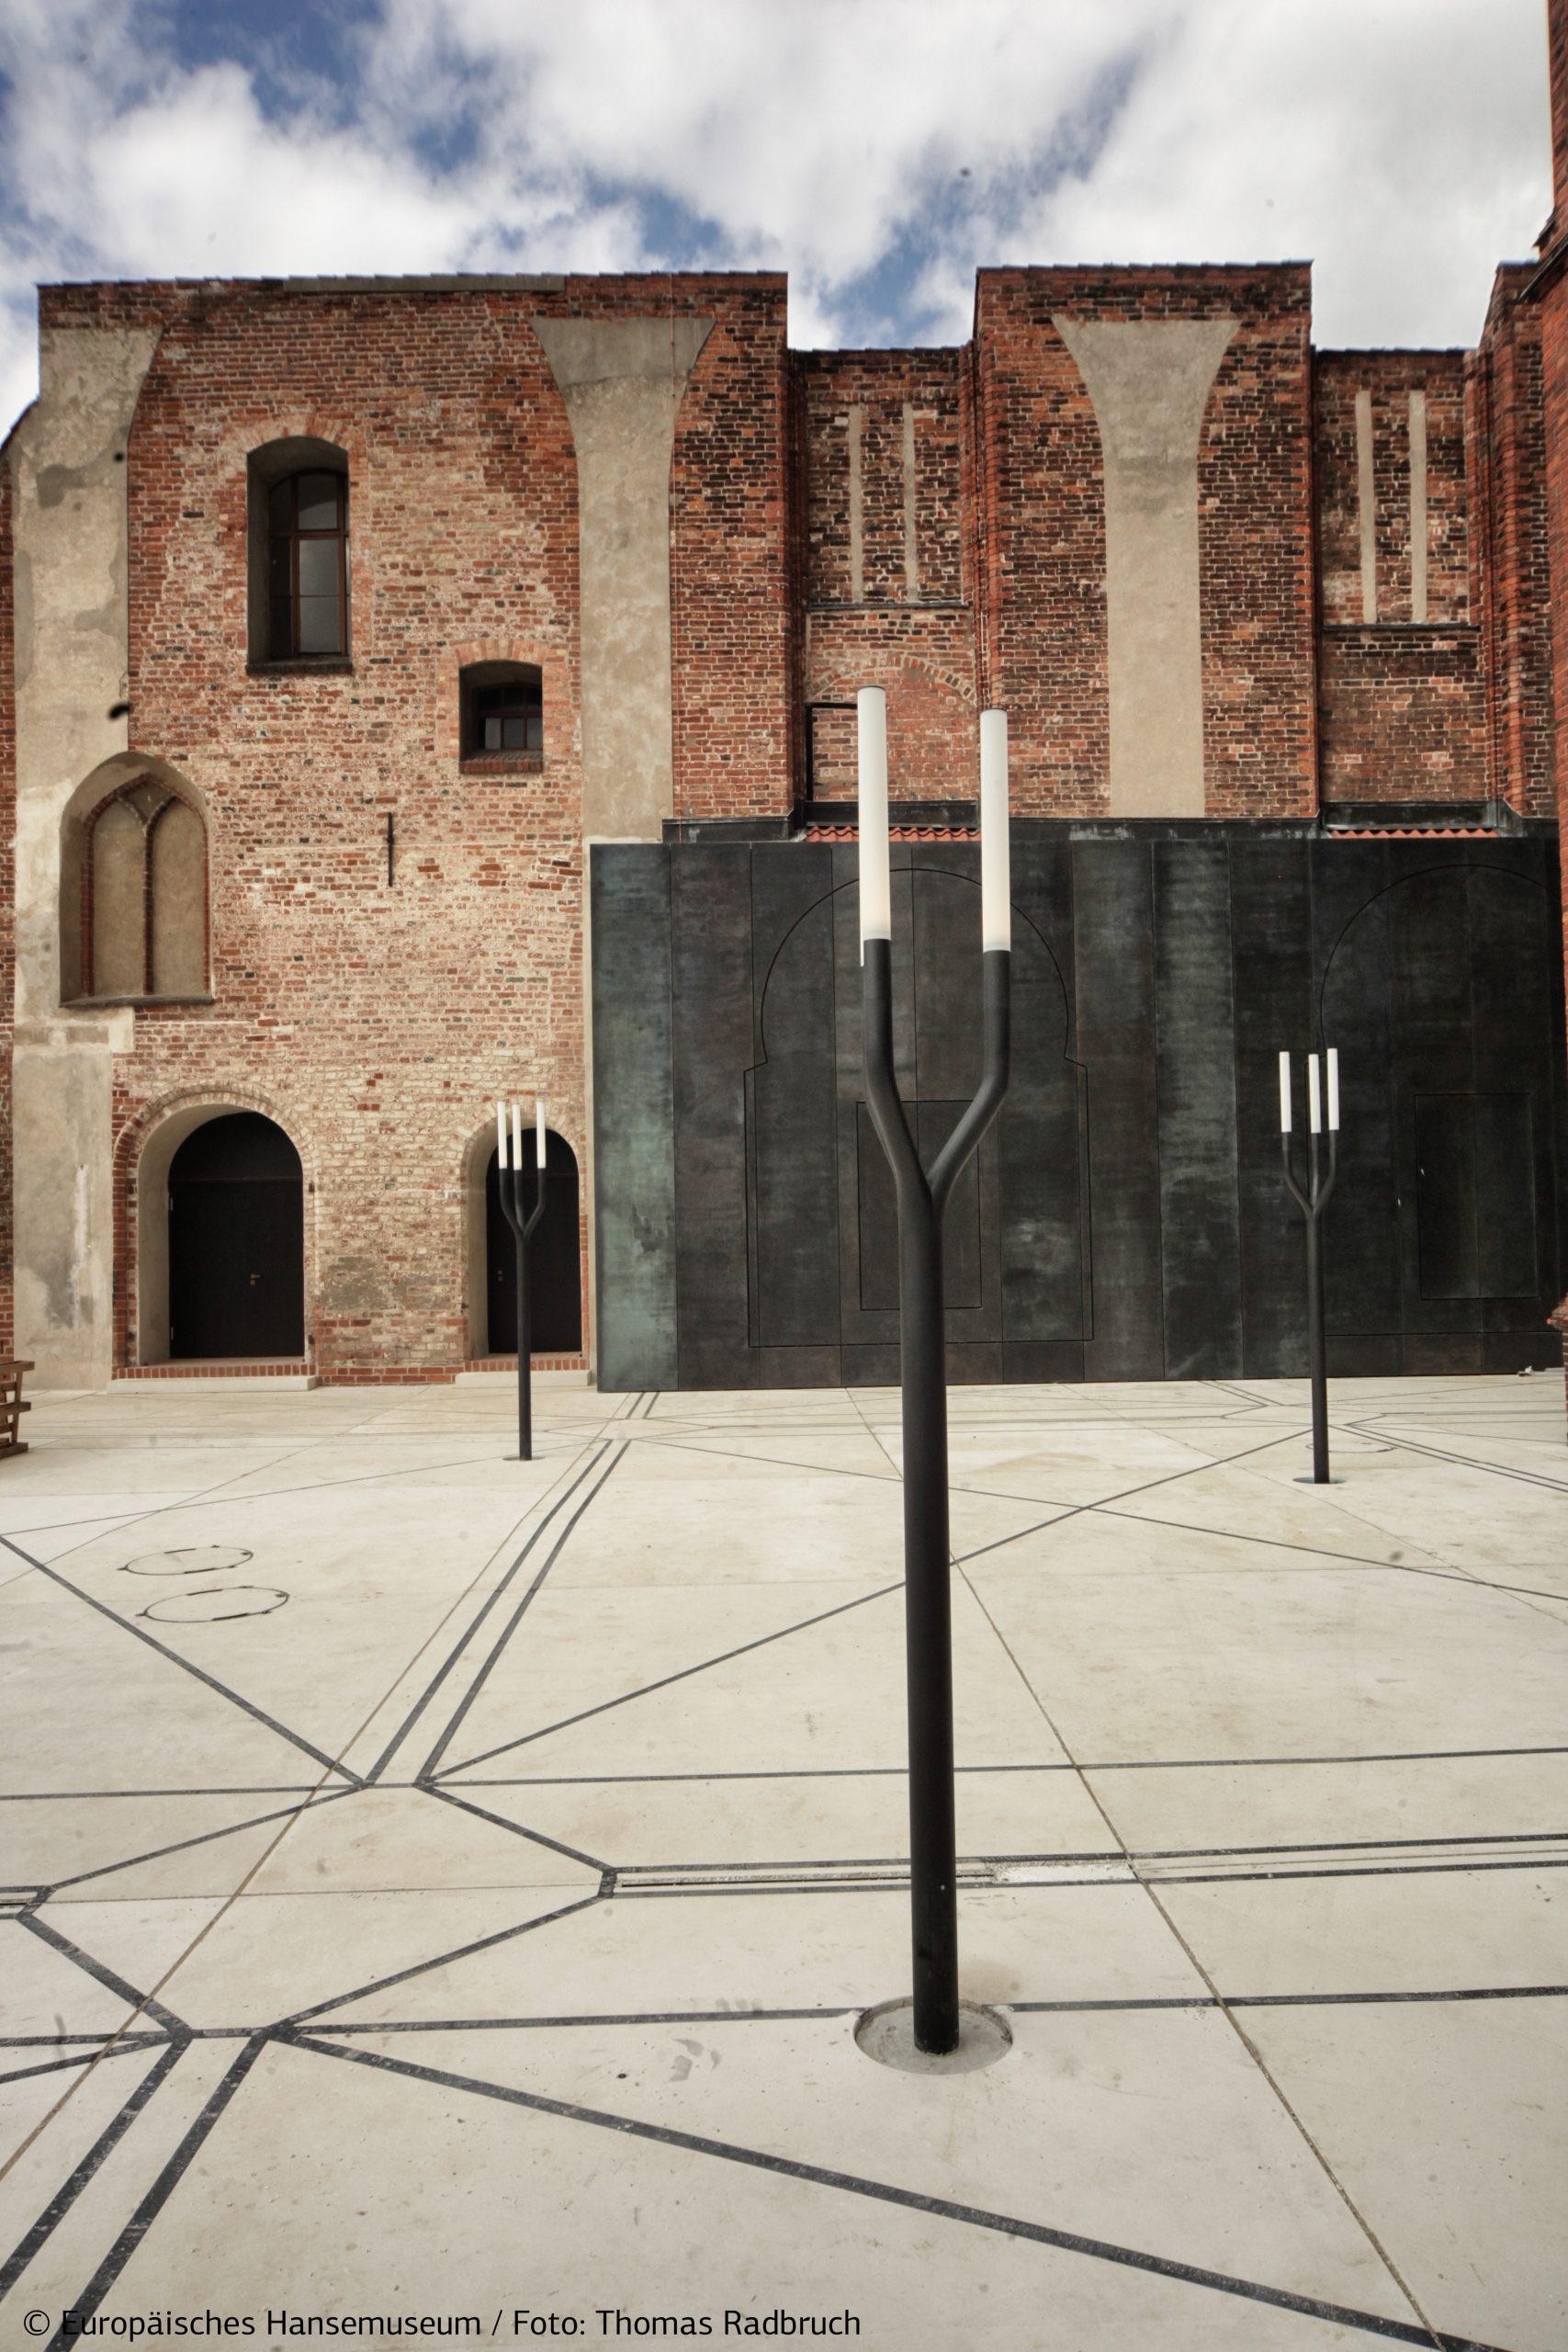 Kirchhof Europäisches Hansemuseum © Thomas Radbruch